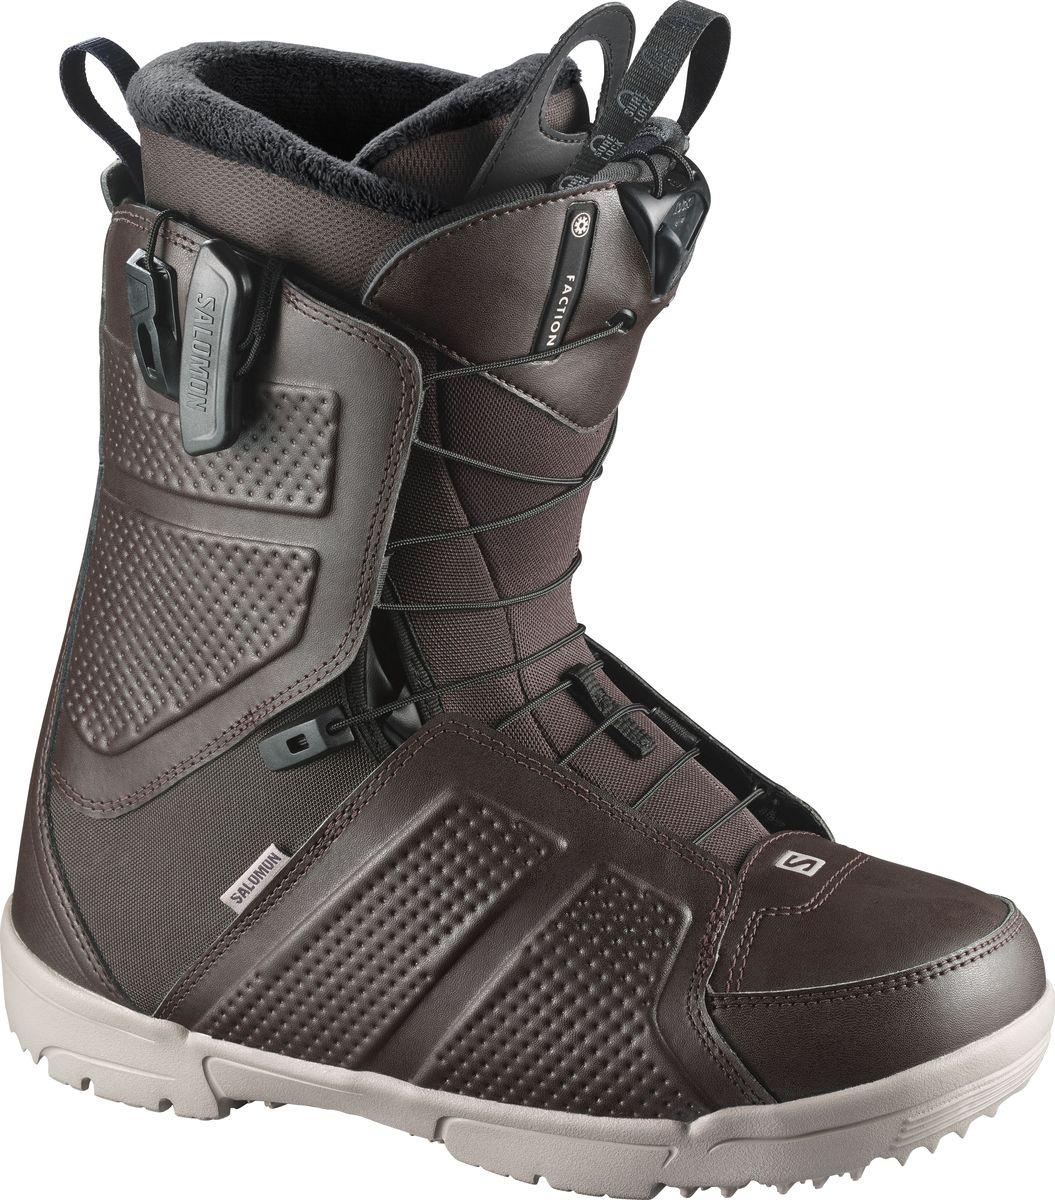 """Ботинки для сноуборда Salomon """"Faction"""", цвет: коричневый, хаки. Размер 30,5 (46,5)"""